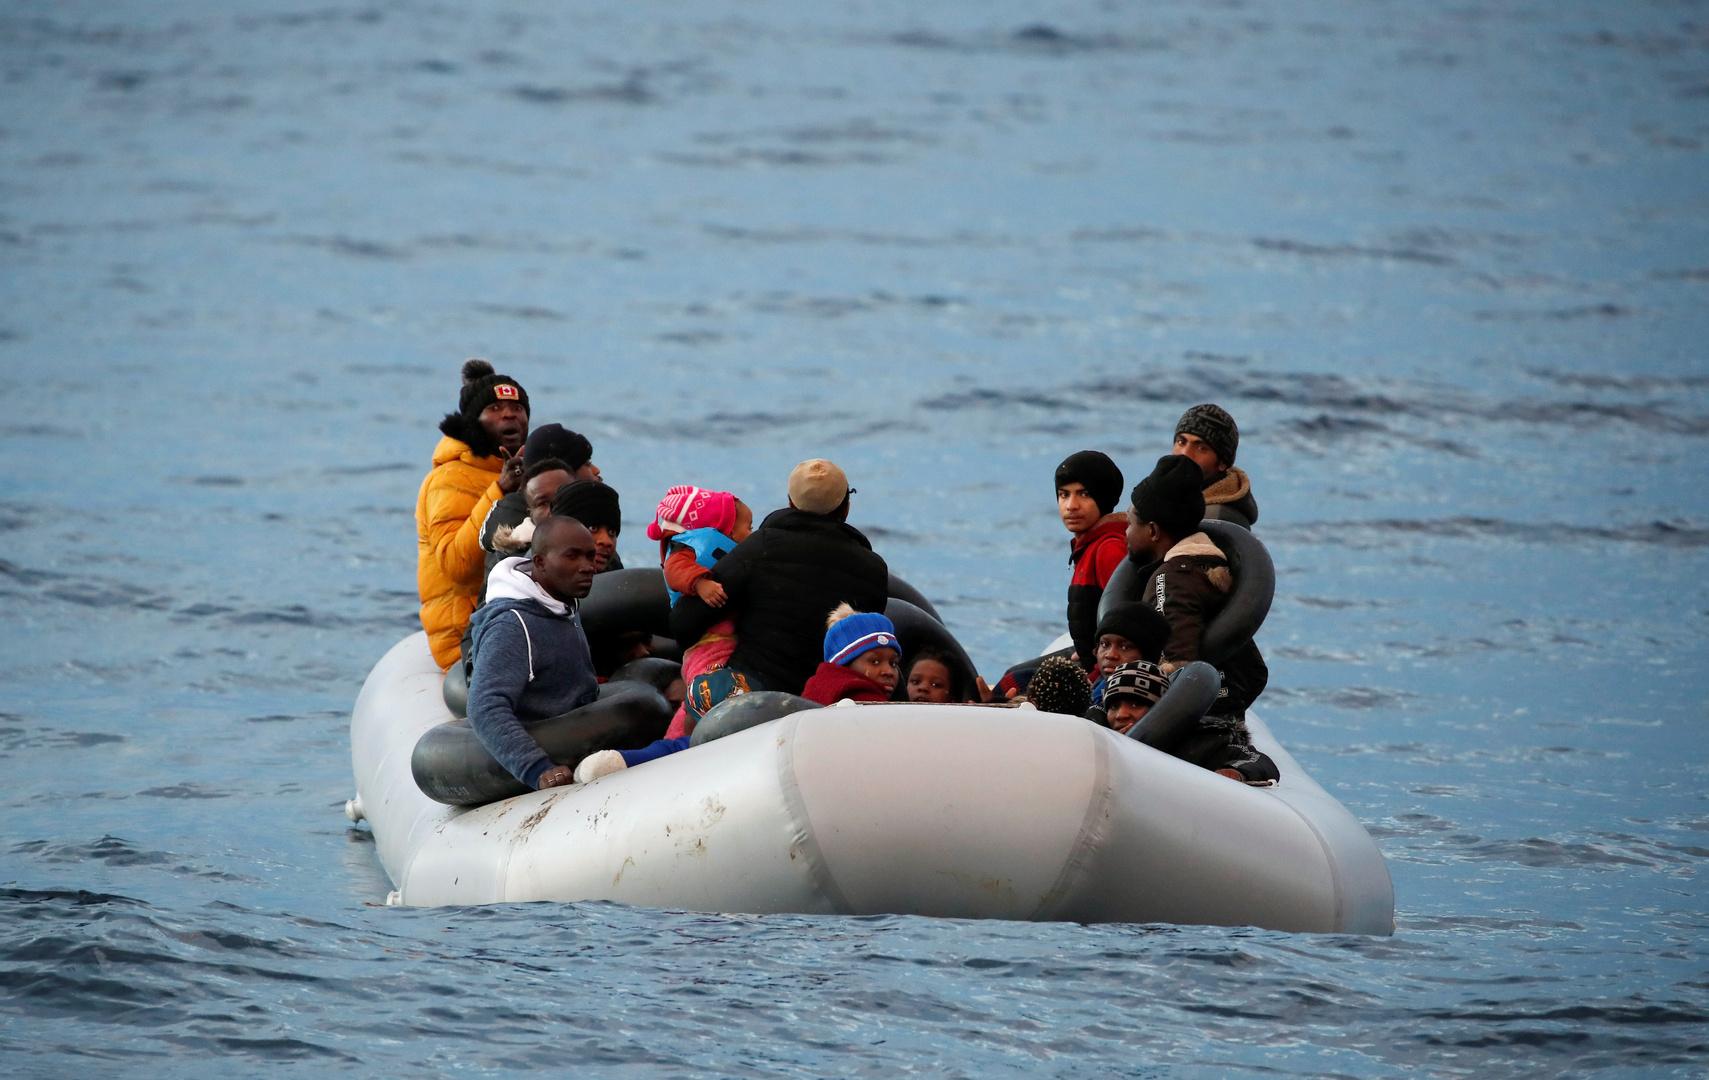 تفكيك شبكة للهجرة غير الشرعية غرب الجزائر